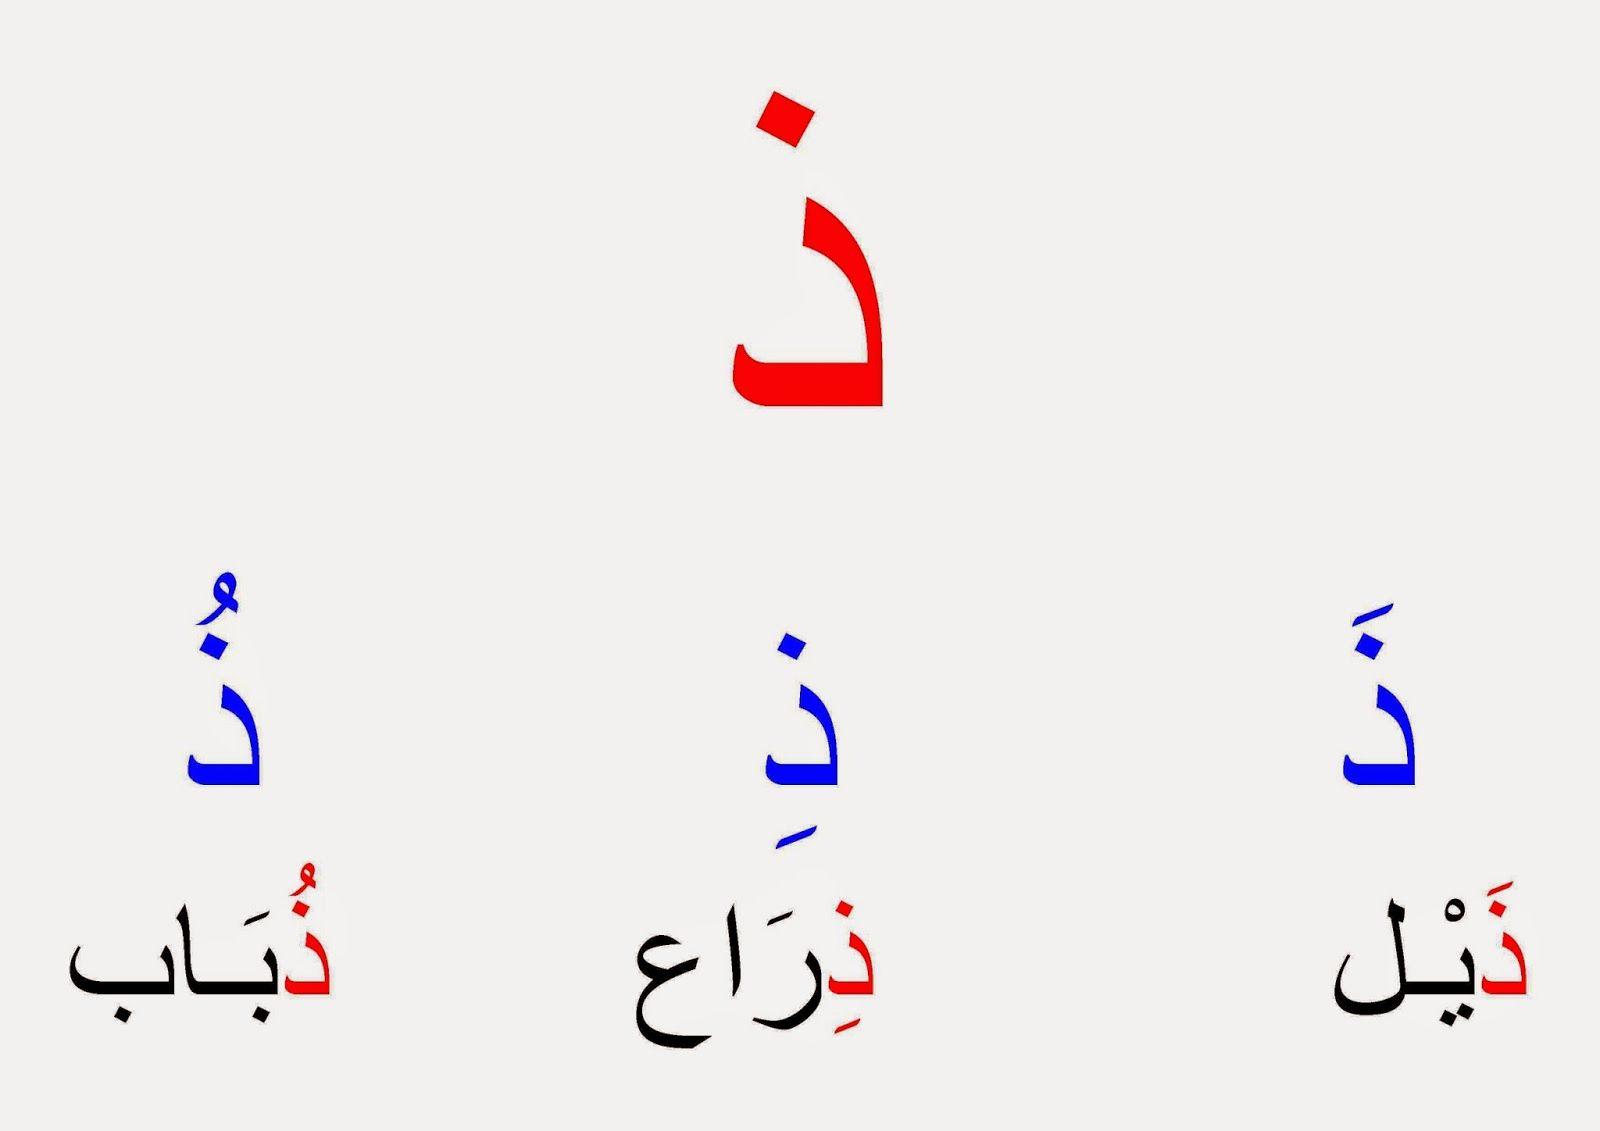 روضة العلم للاطفال حروف الهجاء مع التشكيل Learn Arabic Alphabet Arabic Alphabet For Kids Learning Arabic